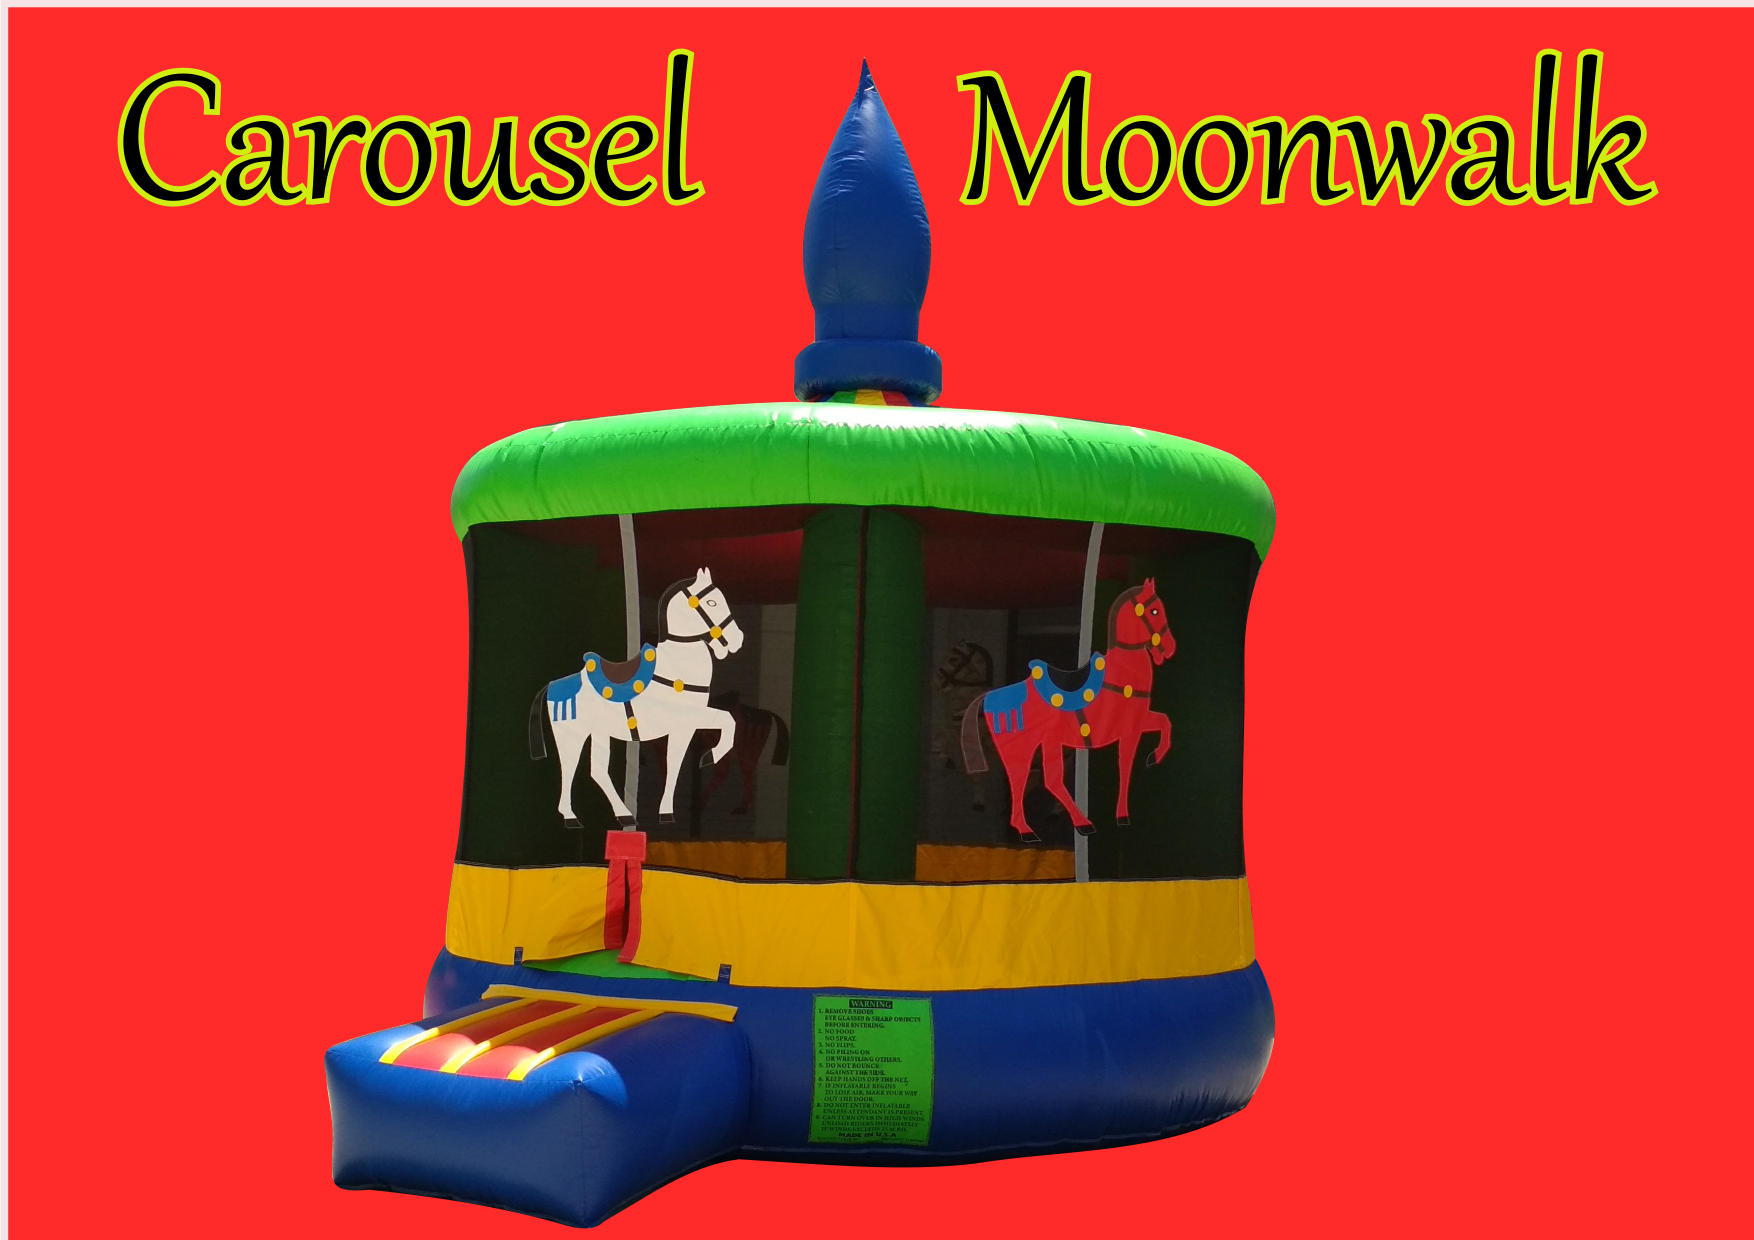 Carousel themed bouncy house